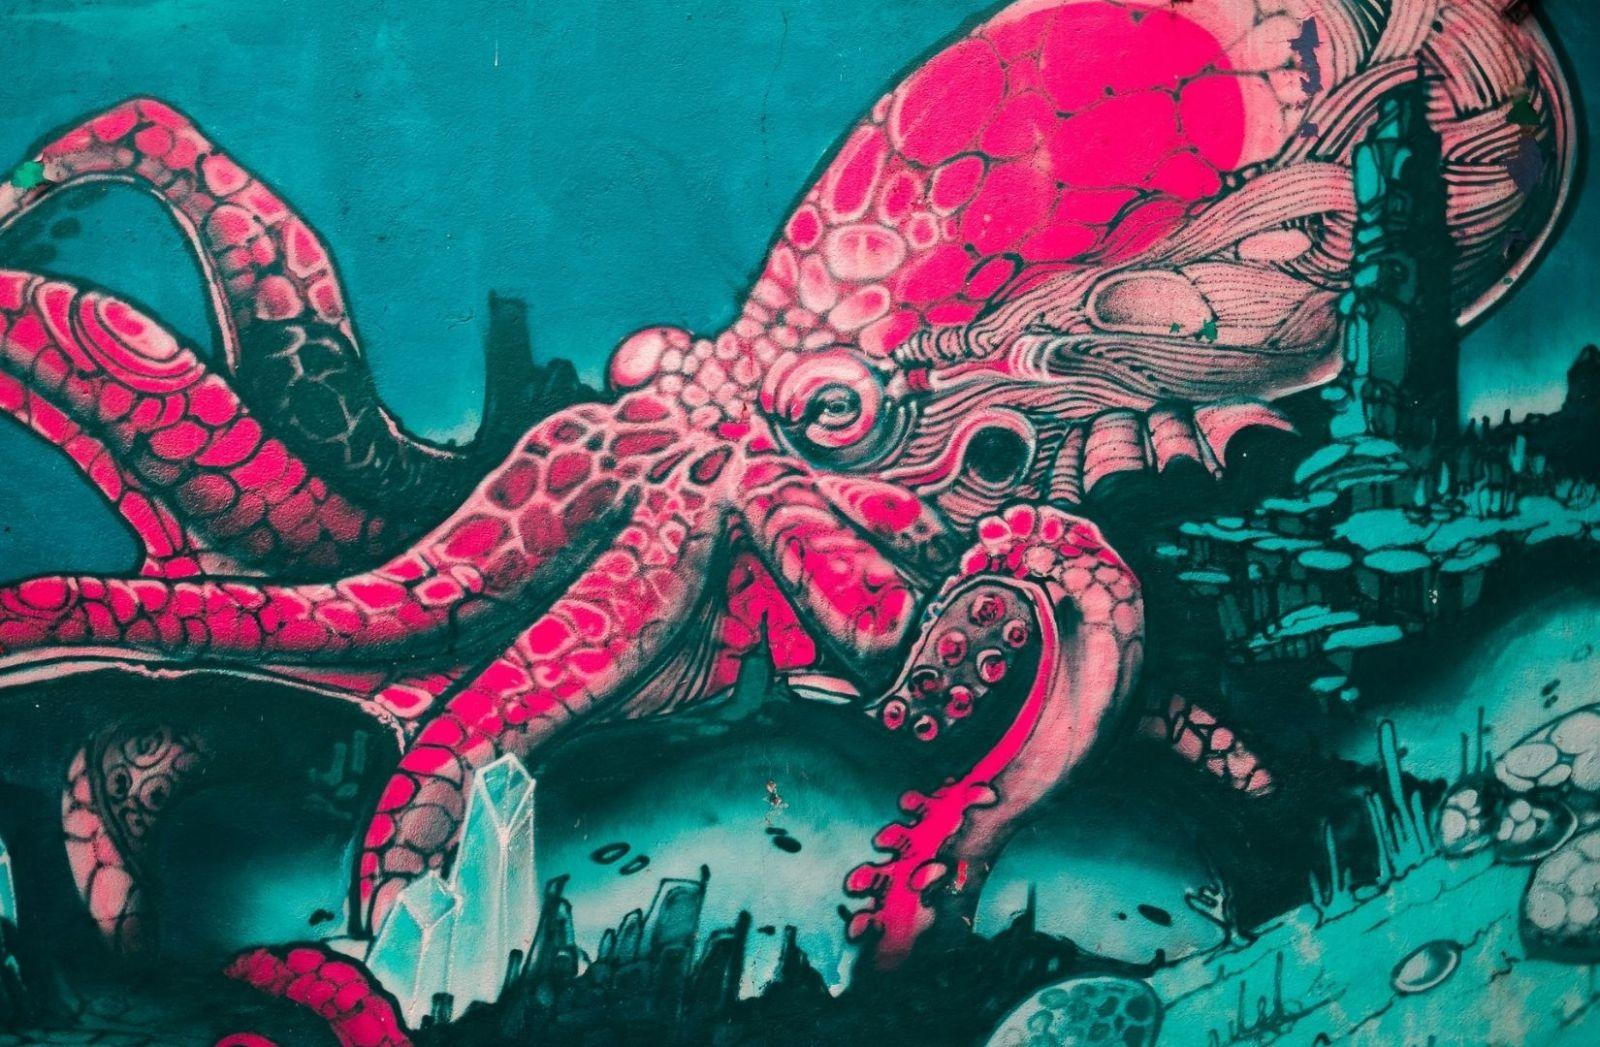 Der Oktopus prägt den Titel eines Romans von Dirk Rossmann. (Foto: Zo Razafindramamba, Unsplash.com)